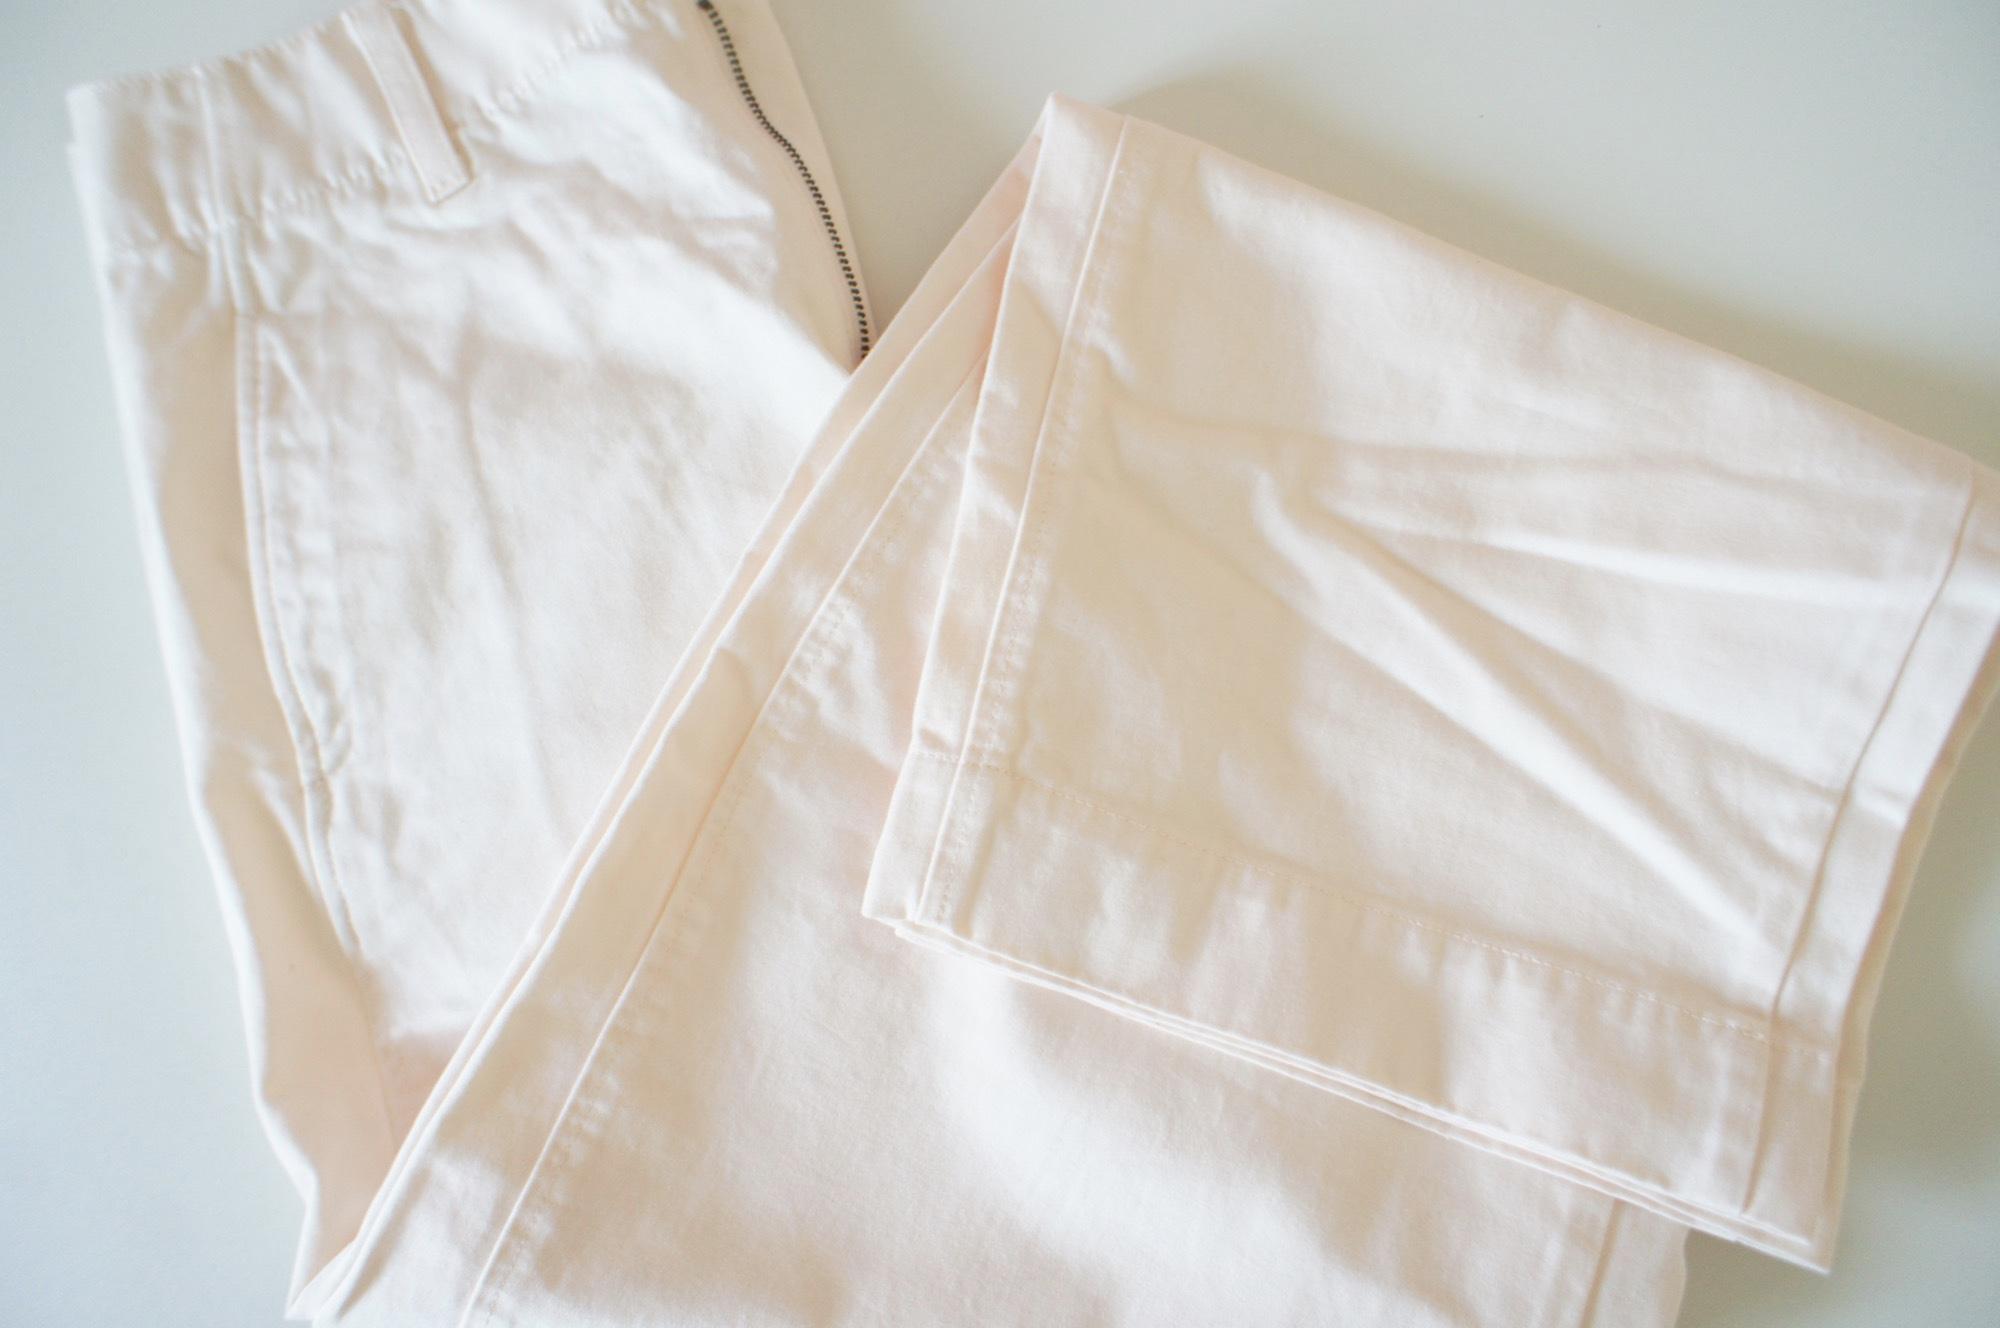 《ワゴンsaleで発見❤️》【ユニクロ】これから超使える¥990の白パンツ☻_2